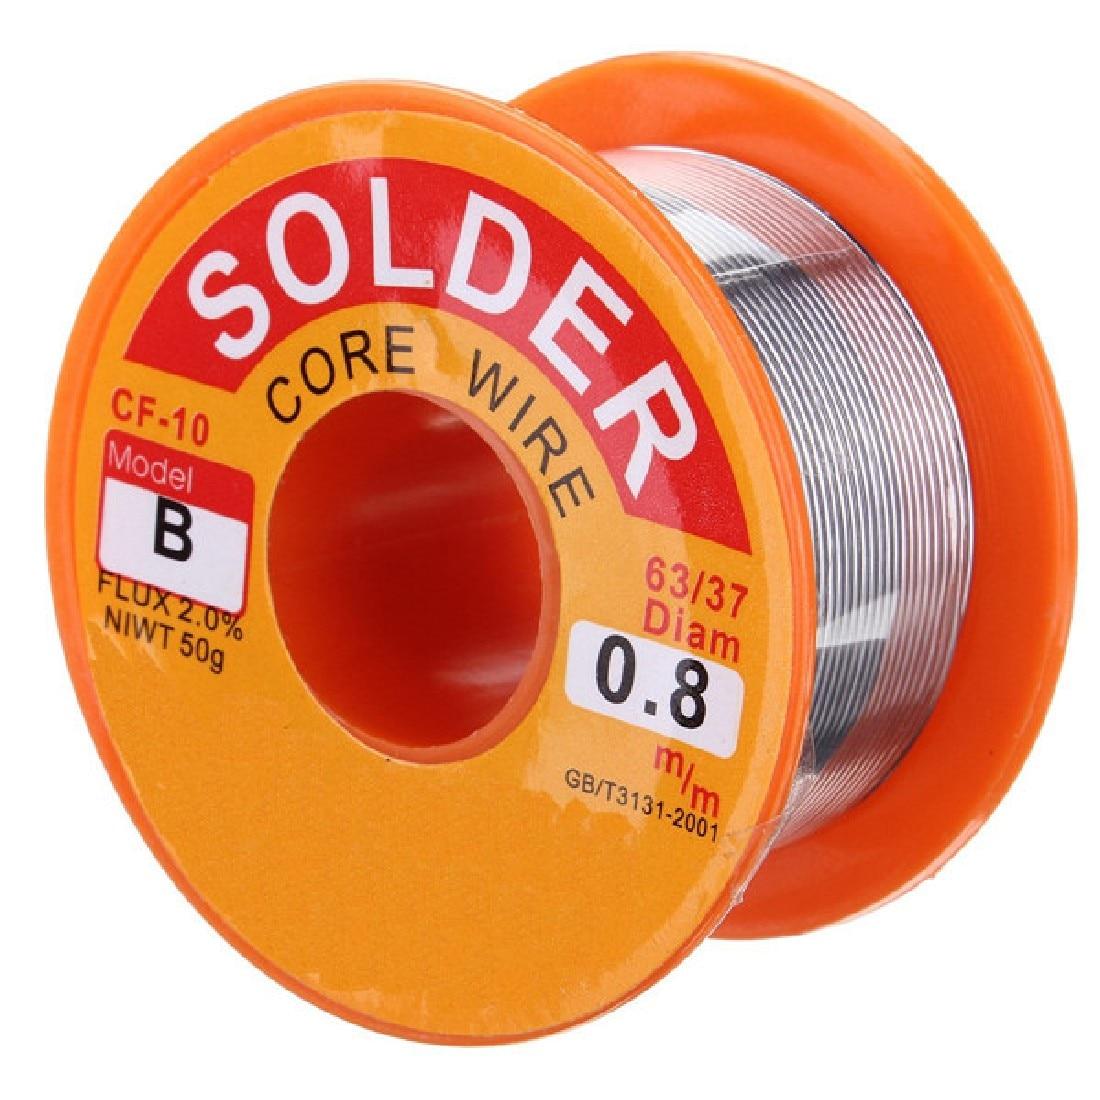 Diam 0.8mm 63/37 Solder Wire Clean Rosin Core Welding Tin Lead Flux Soldering Iron Wire Reel Soldering Tools